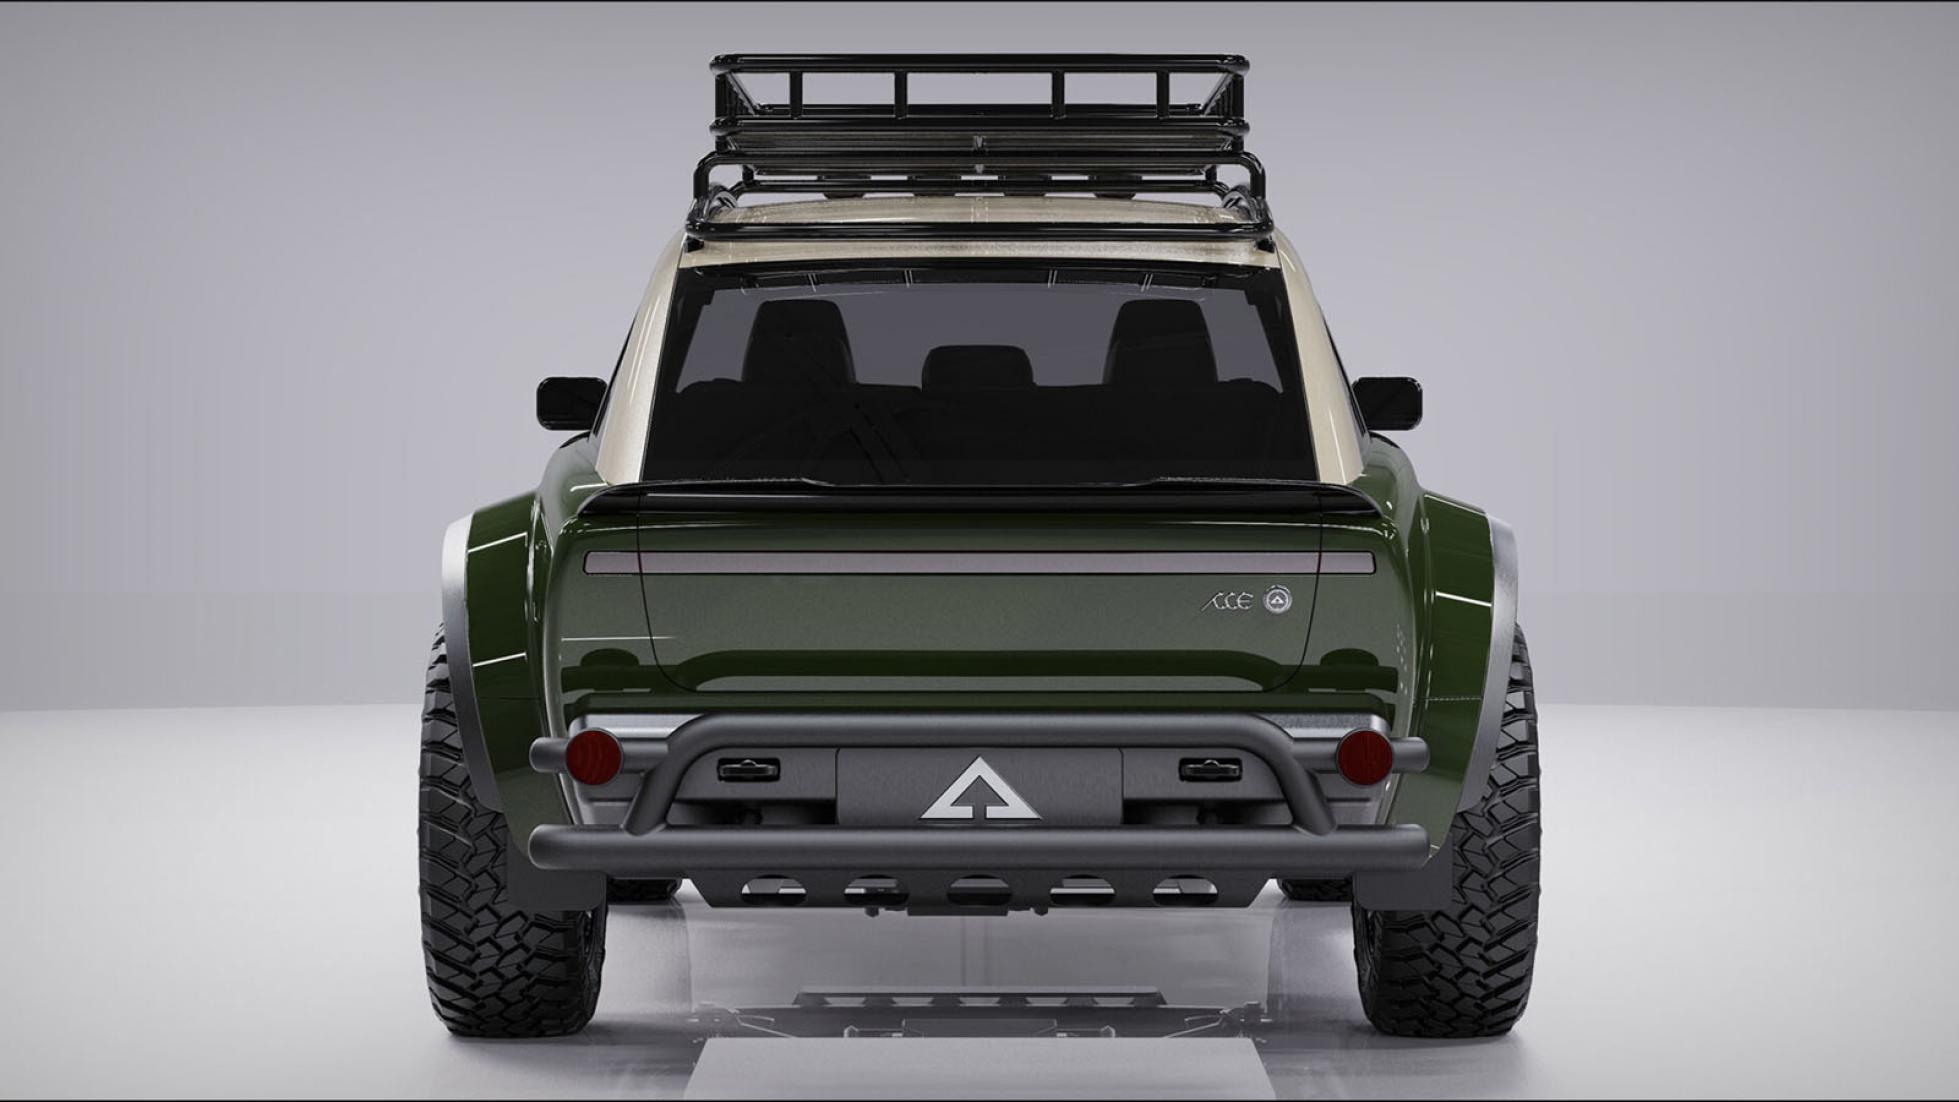 Alpha Jax rear view